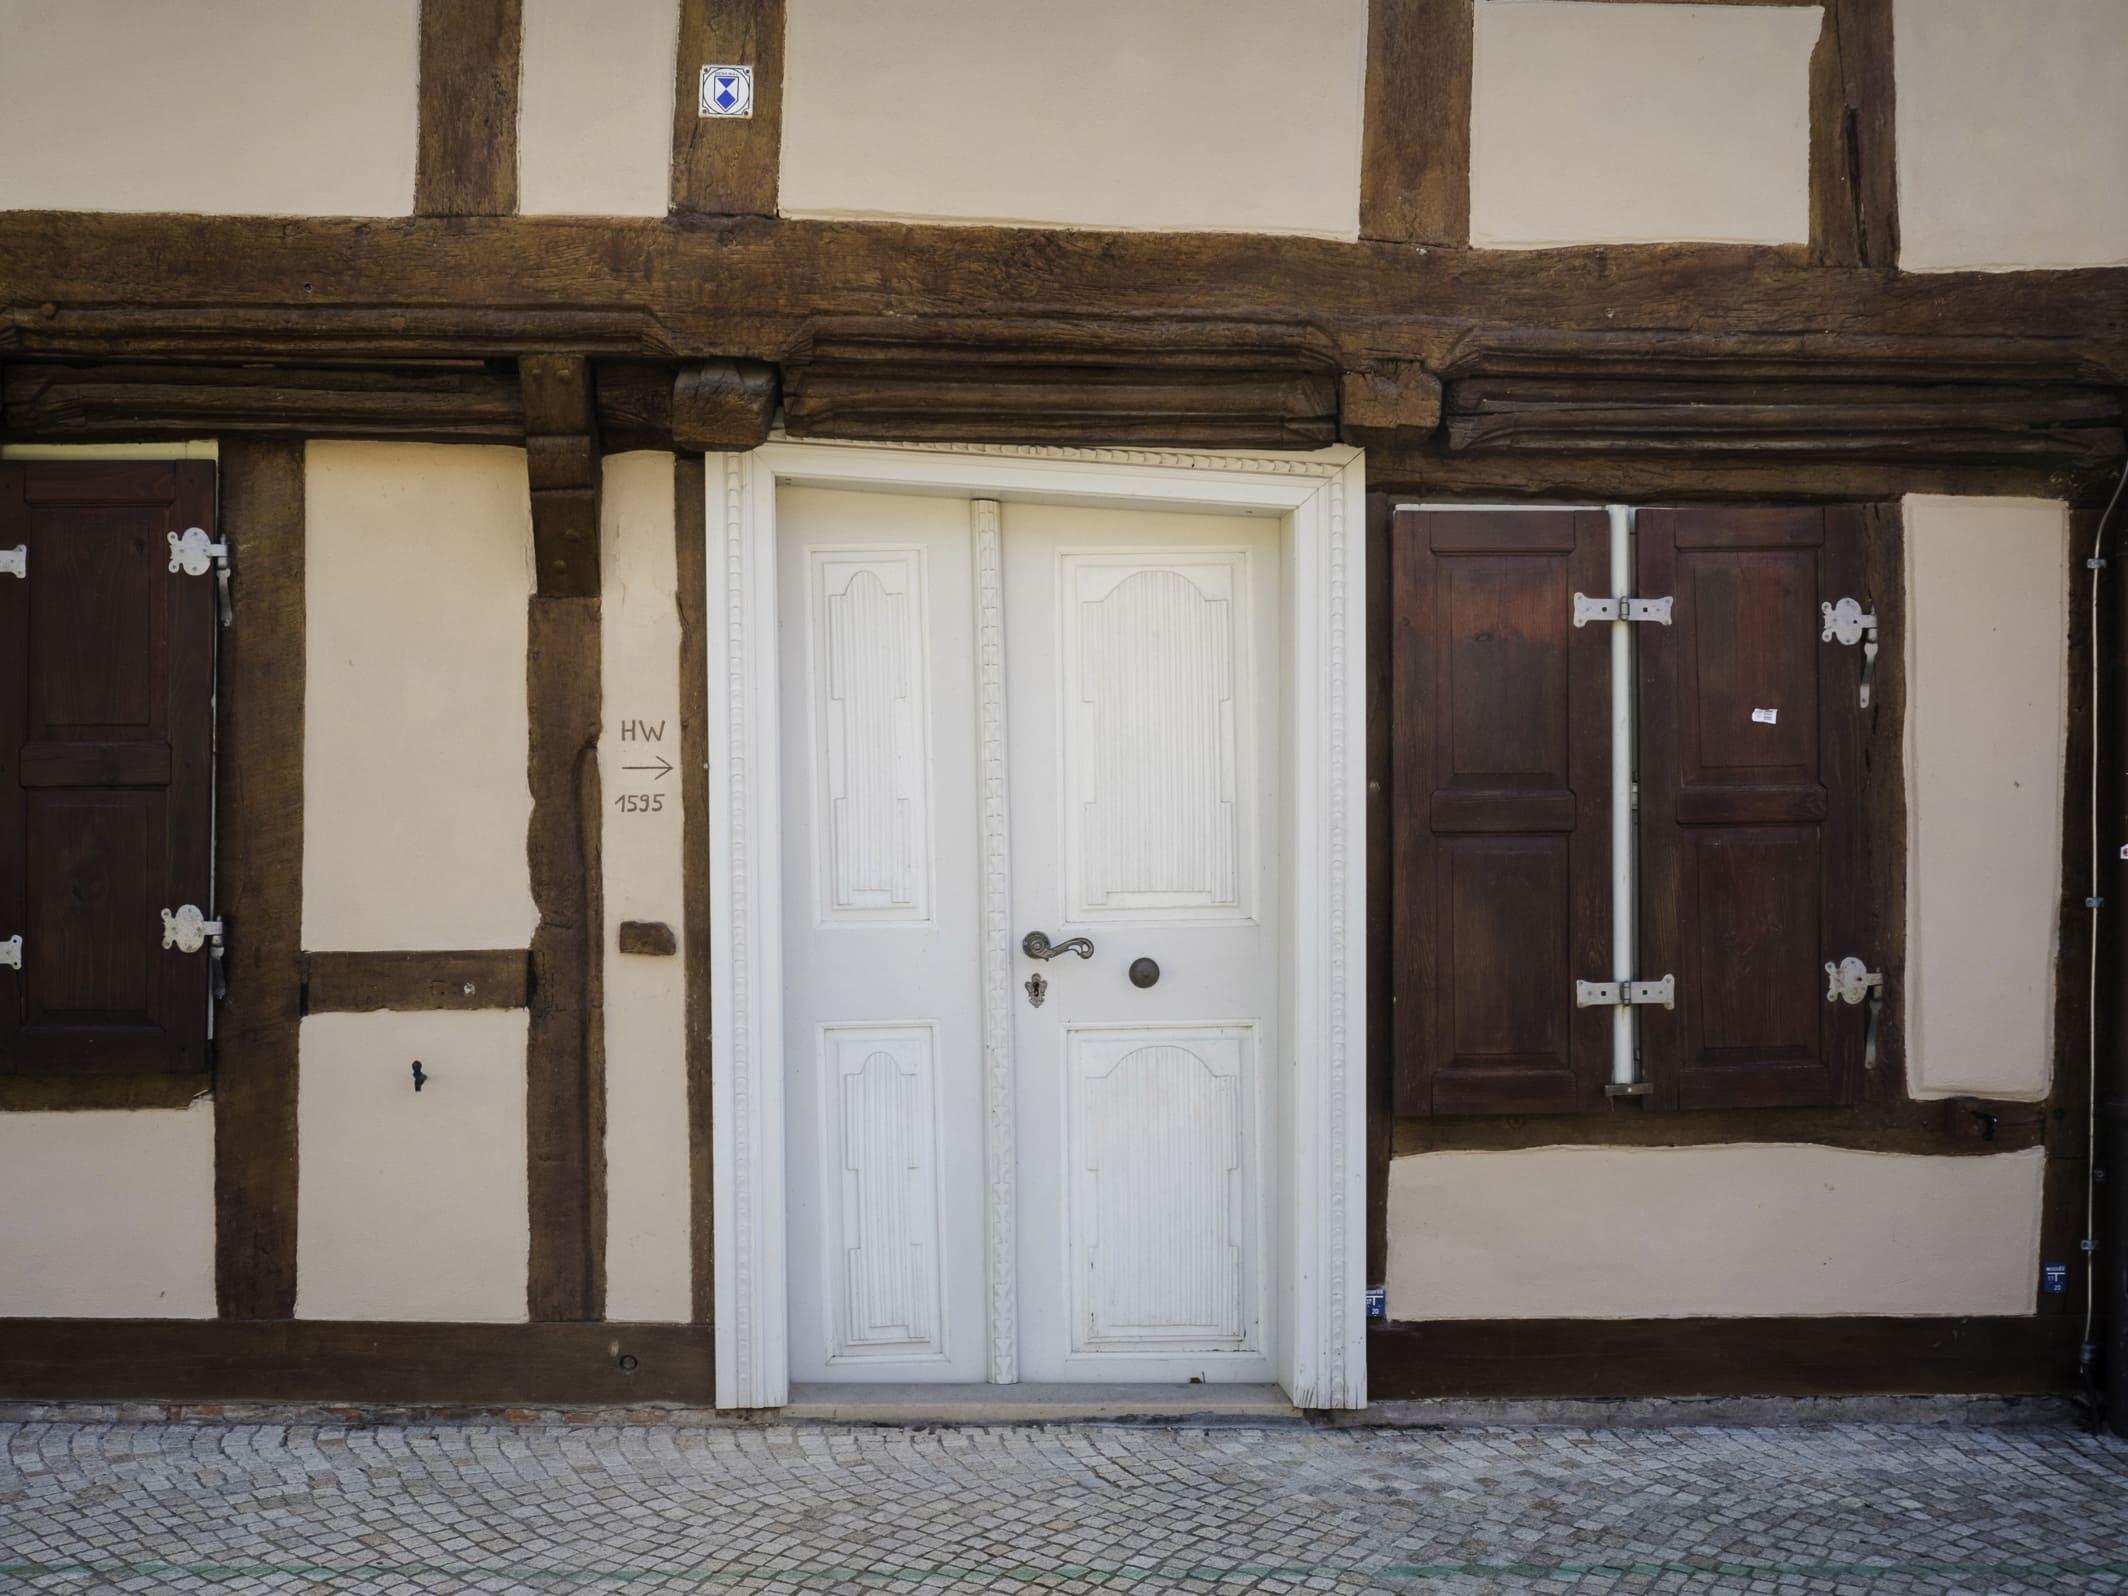 Industriekultur – Historische Gerberei Burg